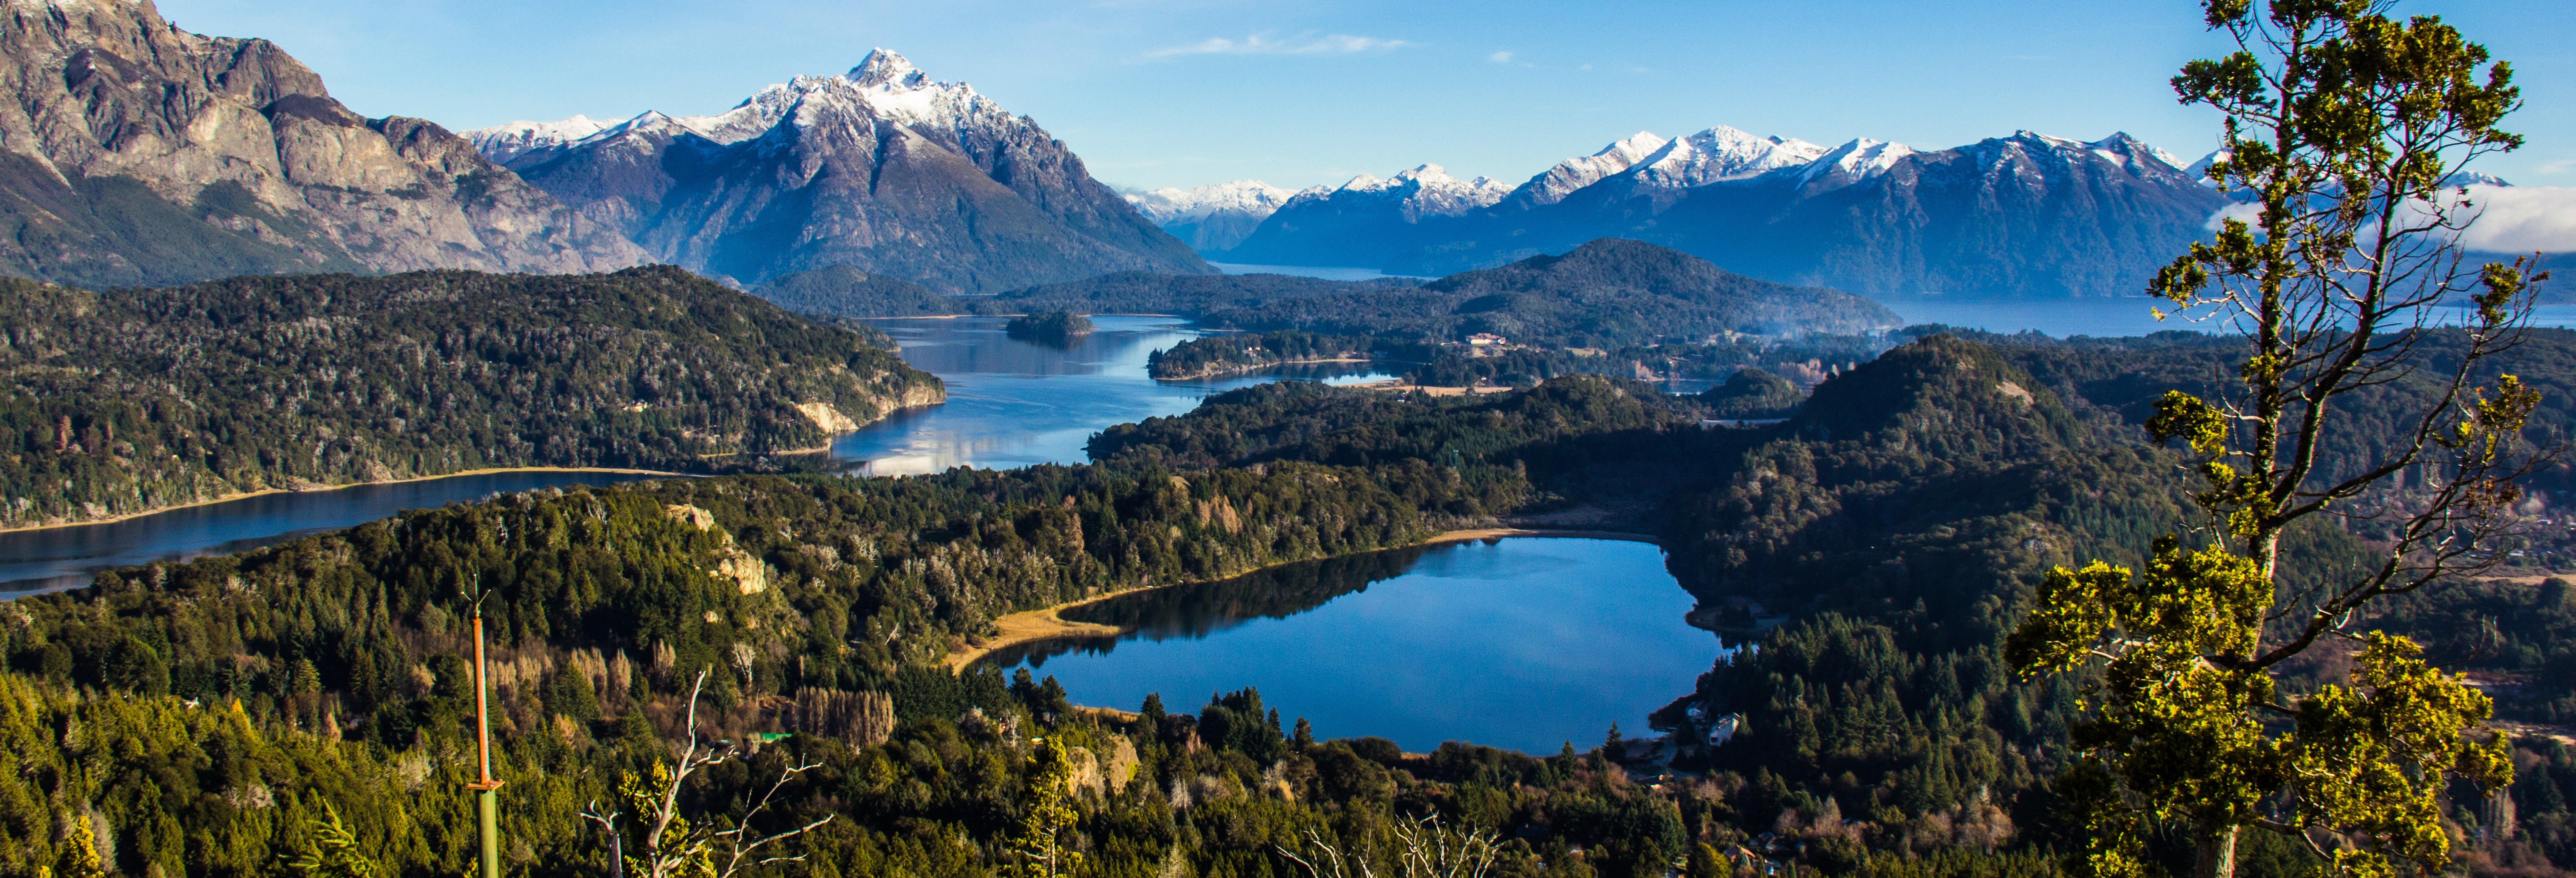 Buenos Aires, Bariloche, Ushuaia y El Calafate en 9 días